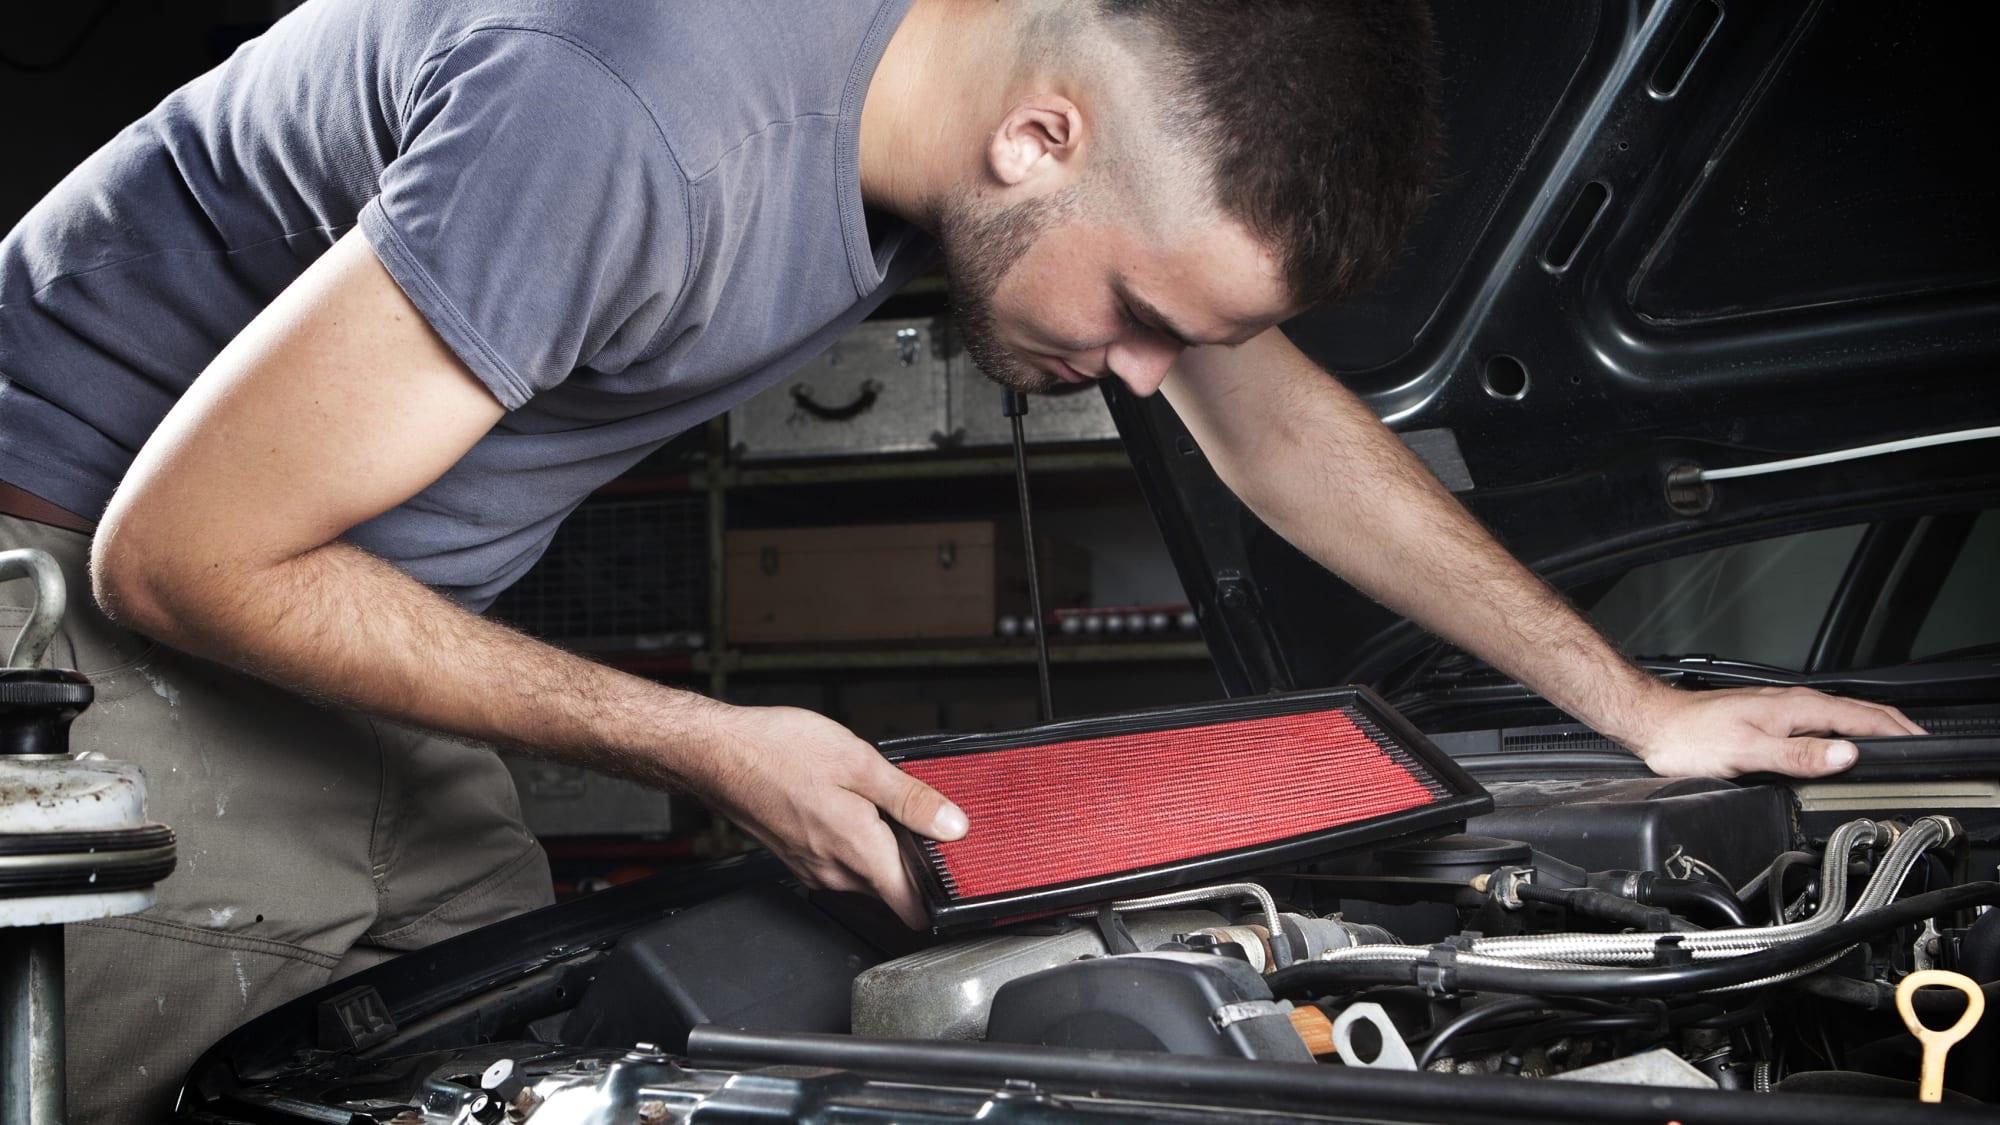 Mechaniker beugt sich über einen Motor und hat einen neuen Luftfilter in der Hand.